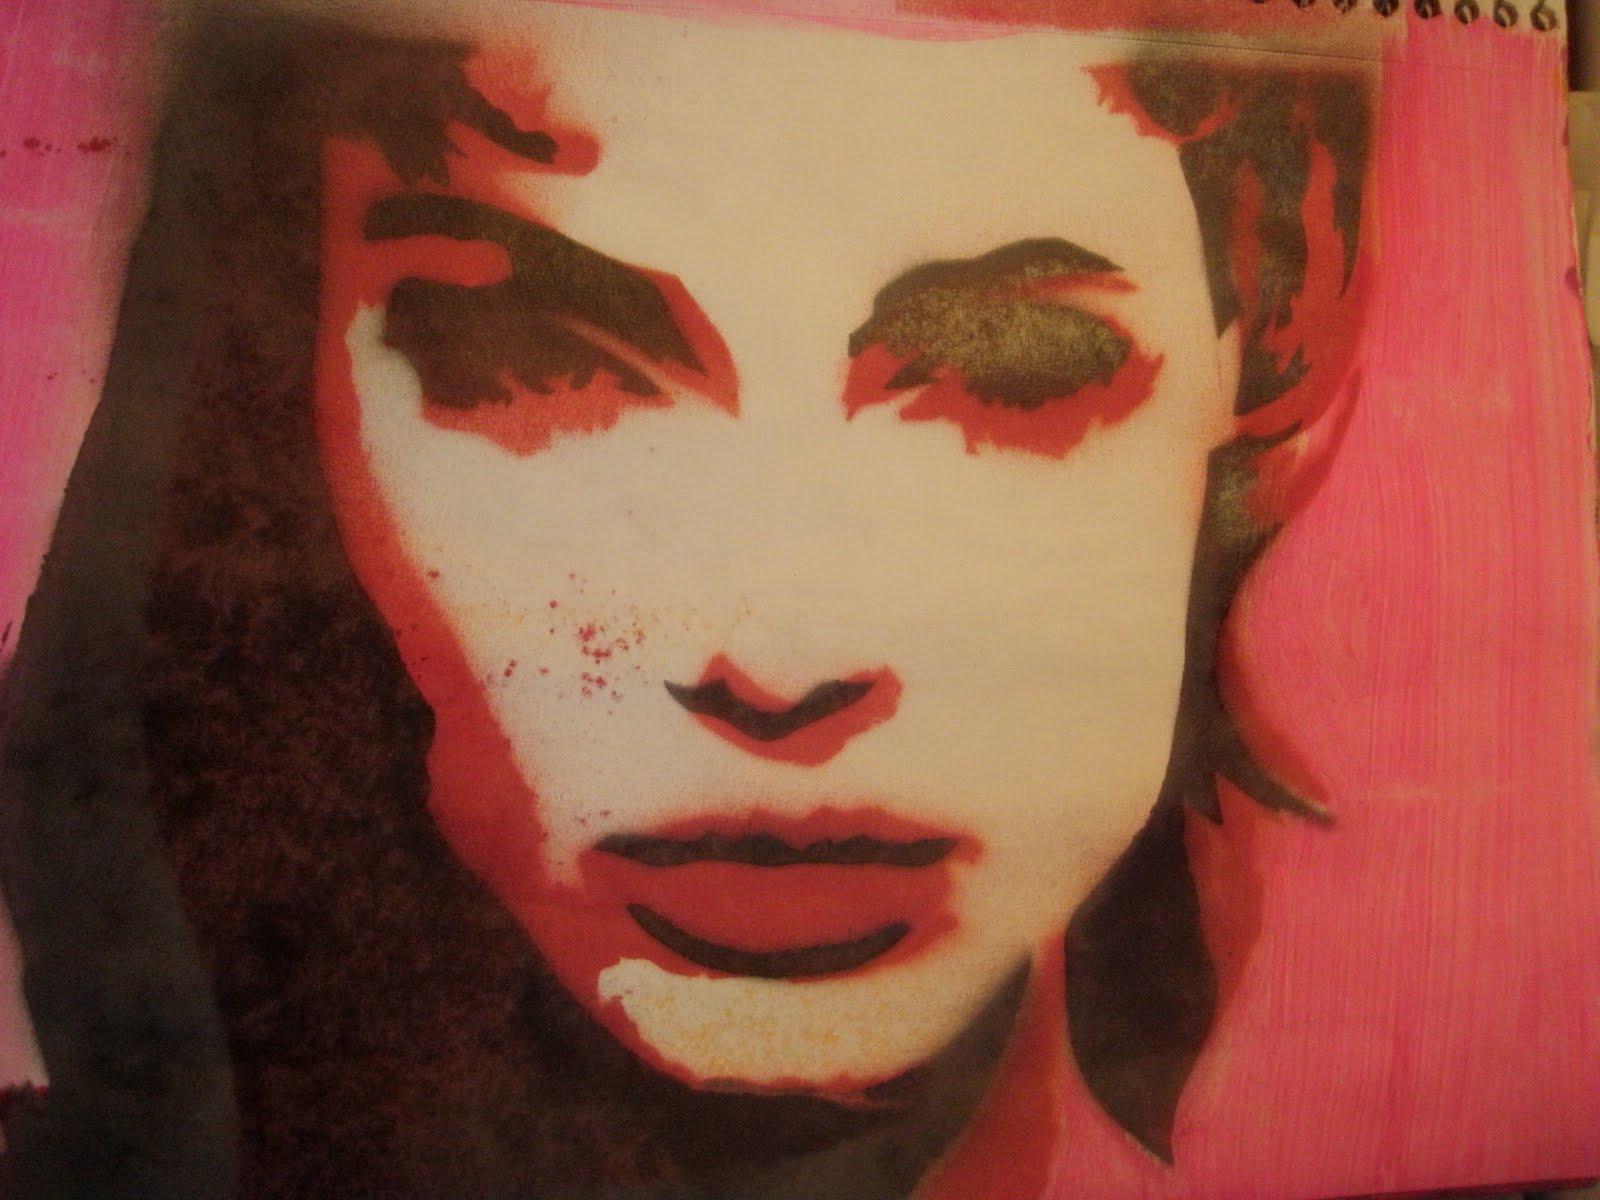 http://2.bp.blogspot.com/-DcJoO7VJB58/Tzfbs78ZhbI/AAAAAAAABZs/i39pLkRz-o4/s1600/Angelina_Jolie_stencil_by_weweredreaming.jpg